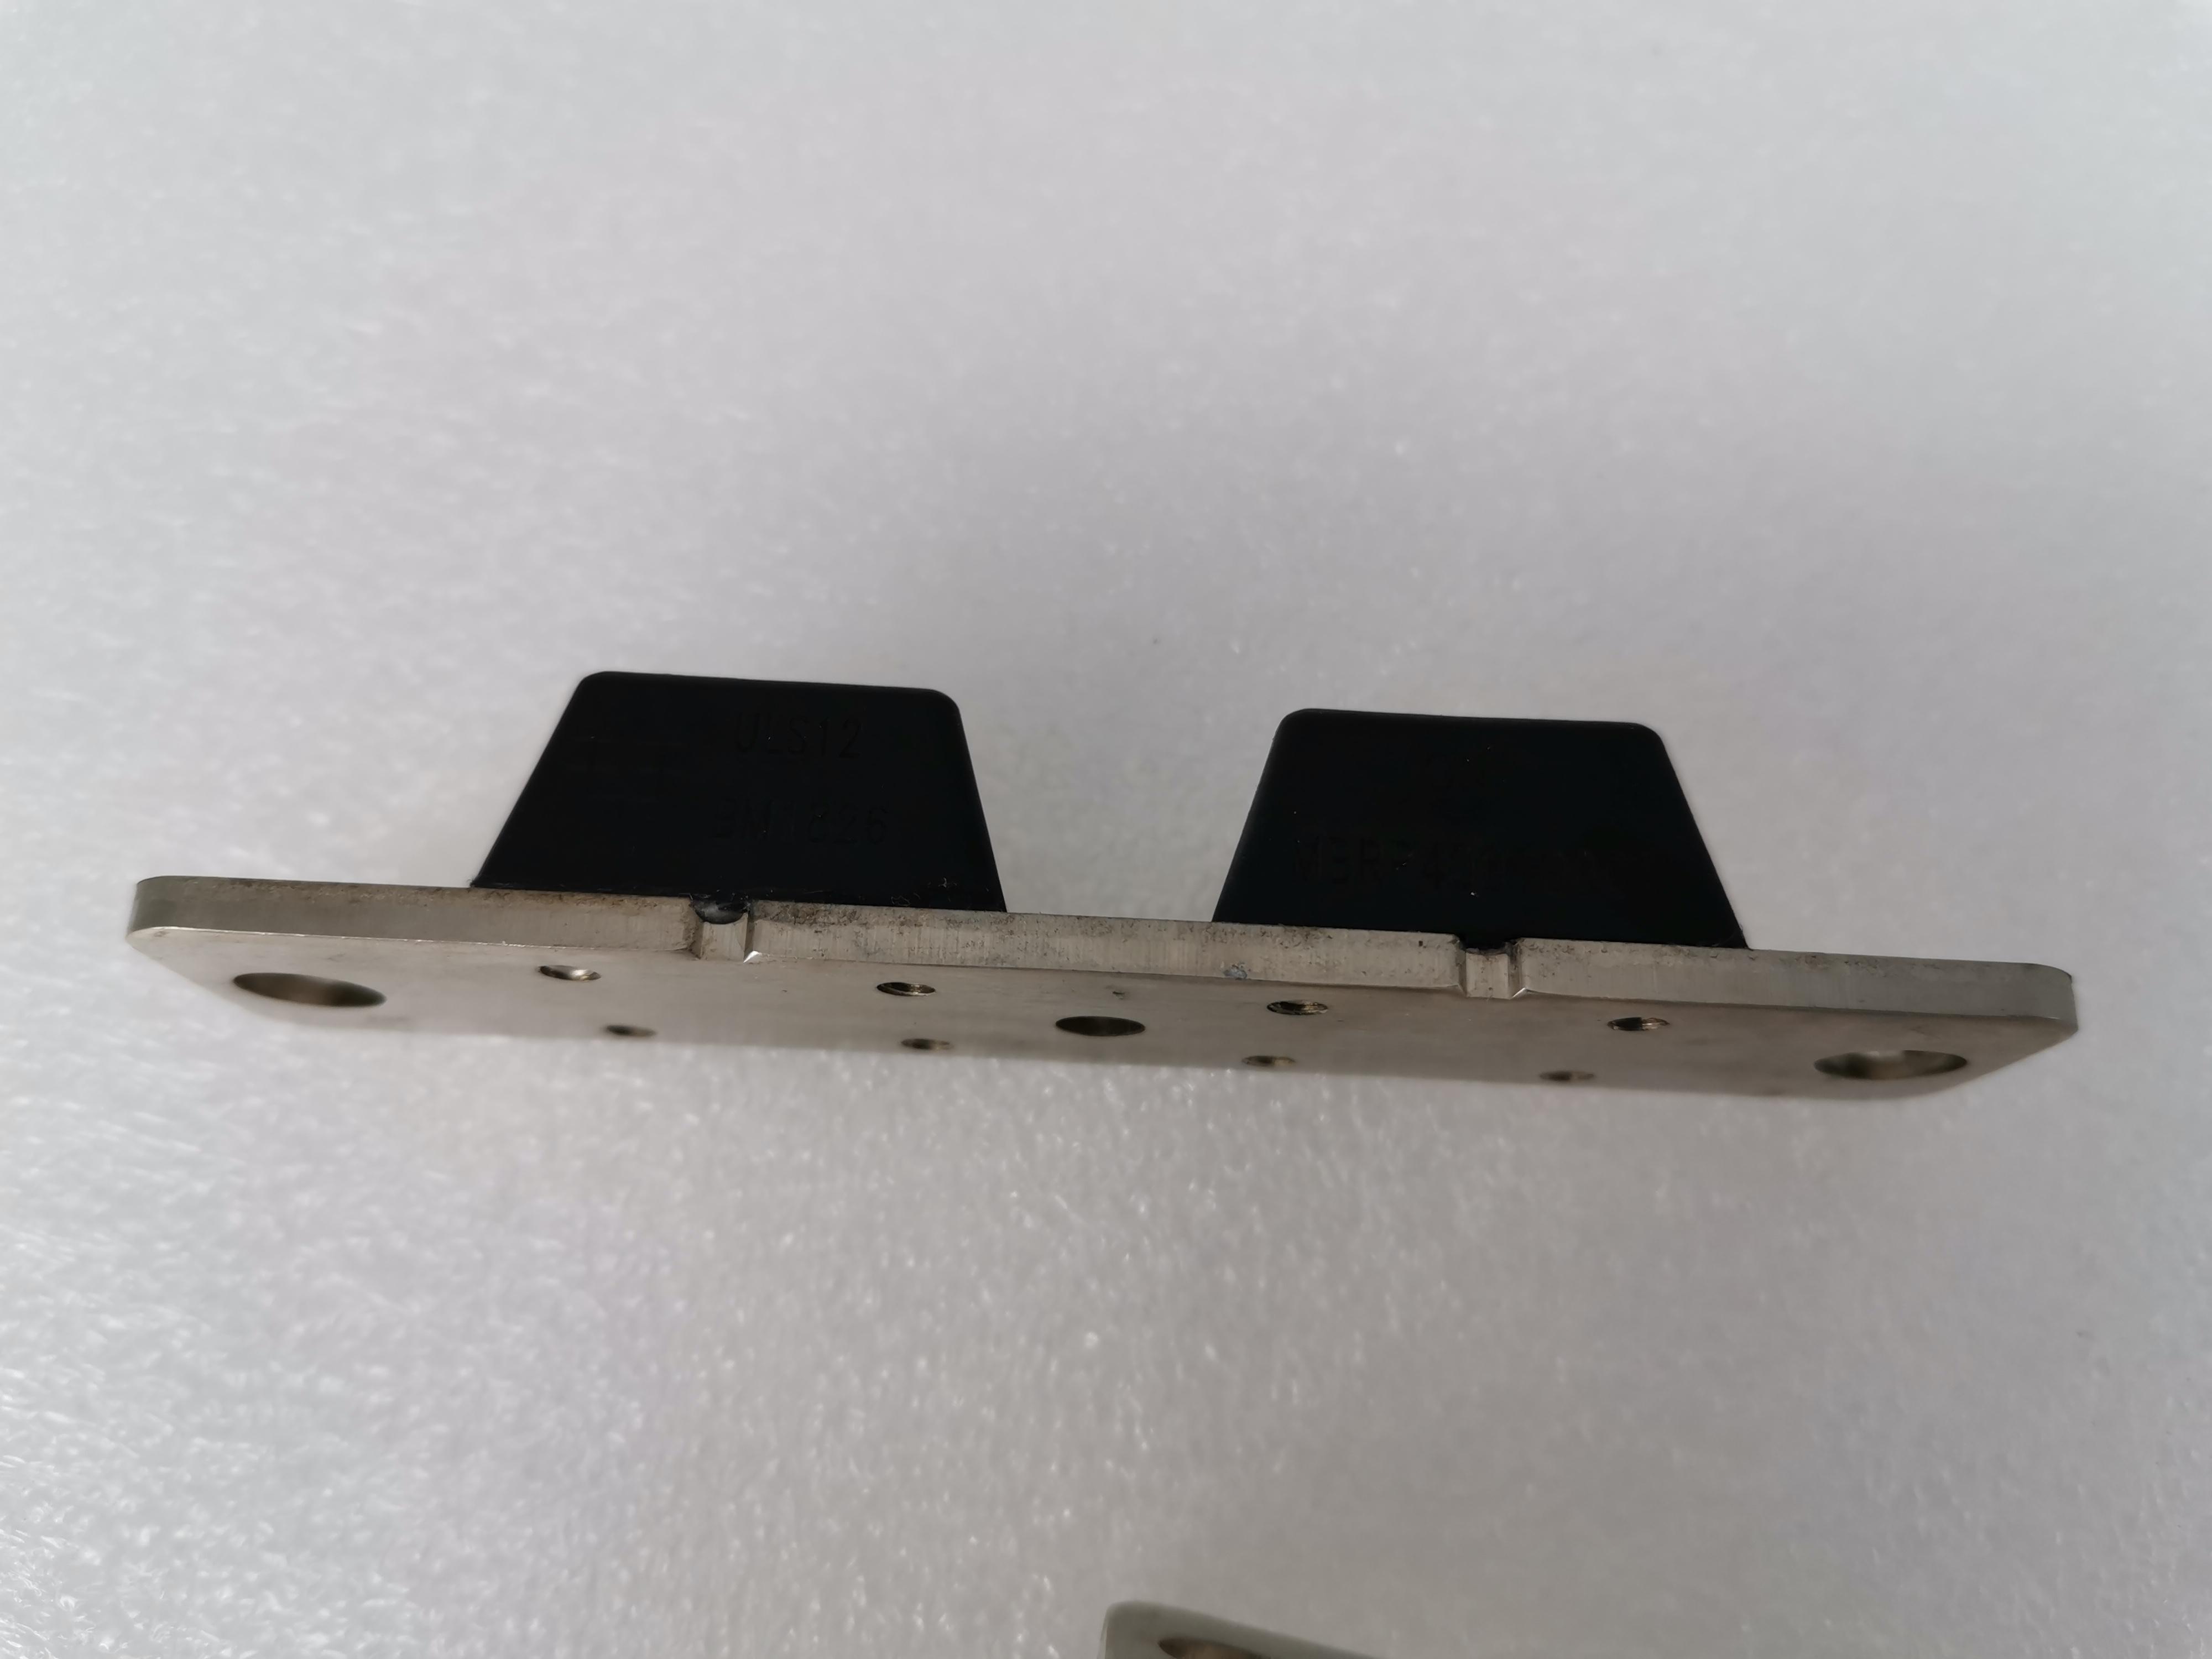 全新原装艾赛斯快恢复二极管功率模块 MBRP40040CT  晶闸管可控硅现货直销